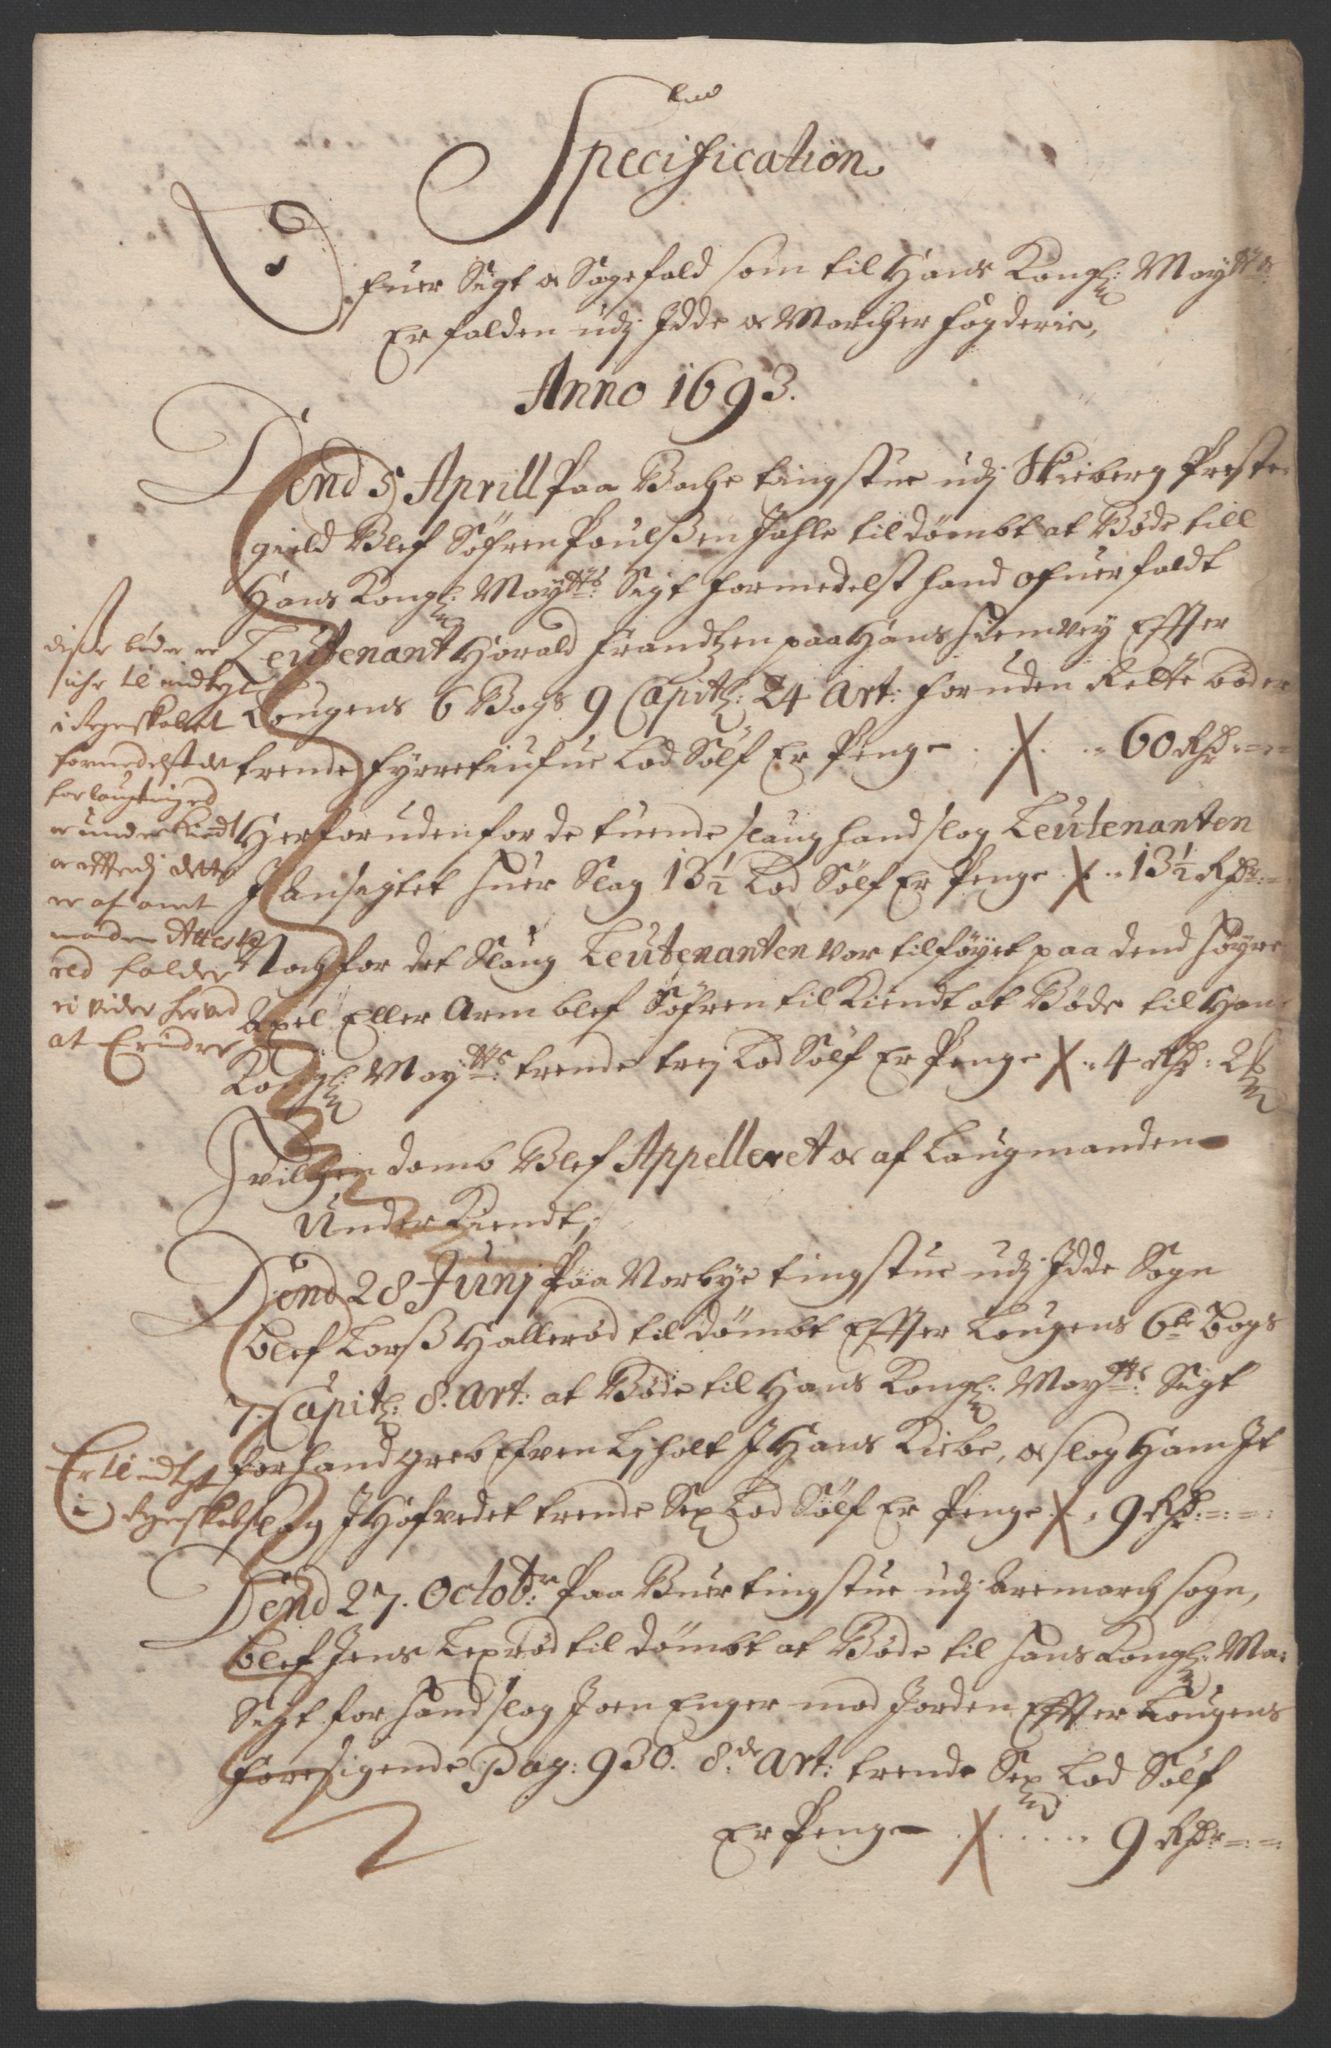 RA, Rentekammeret inntil 1814, Reviderte regnskaper, Fogderegnskap, R01/L0011: Fogderegnskap Idd og Marker, 1692-1693, s. 254